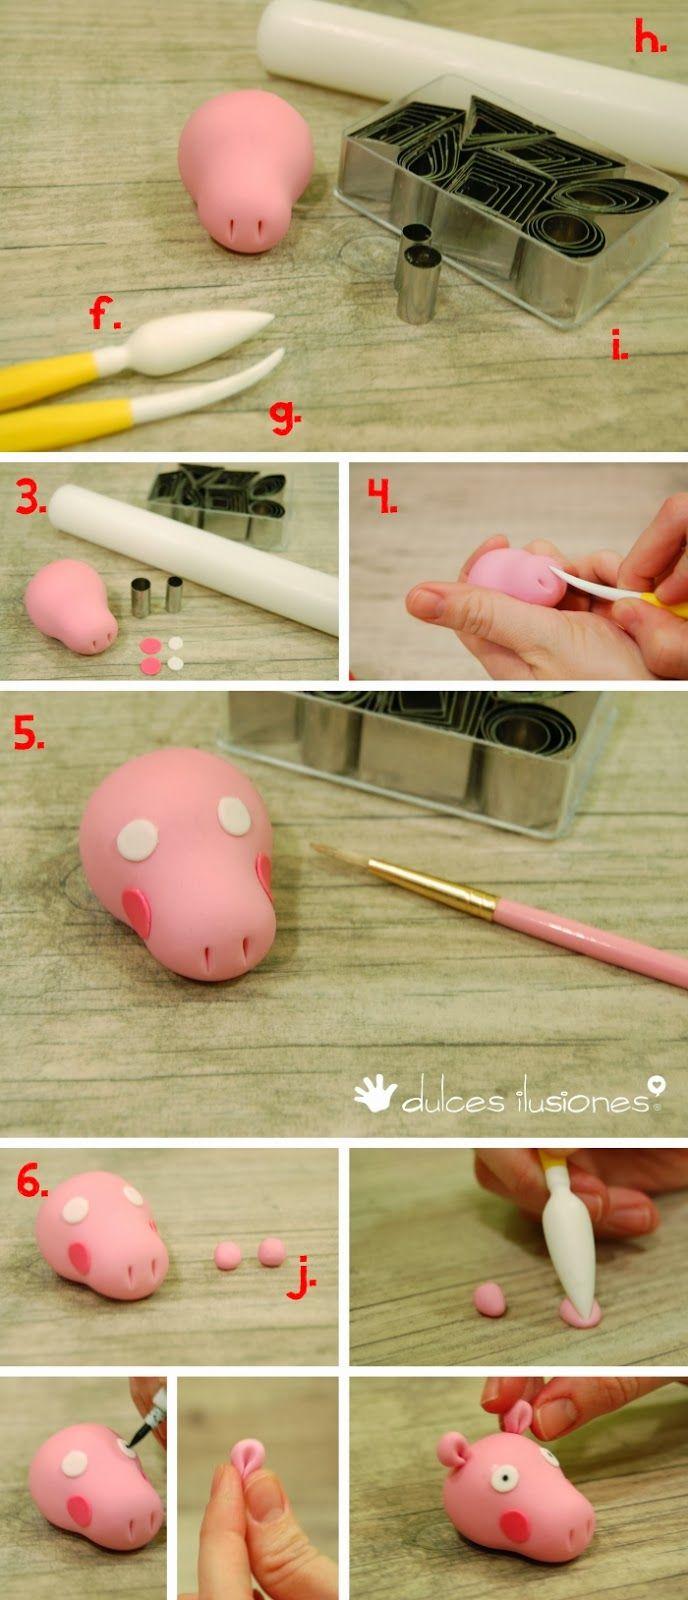 Peppa Pig questo http://www.sigrazie.biz/prodotto-144734/Set-Tagliapasta-Guarnizioni.aspx il set di tp